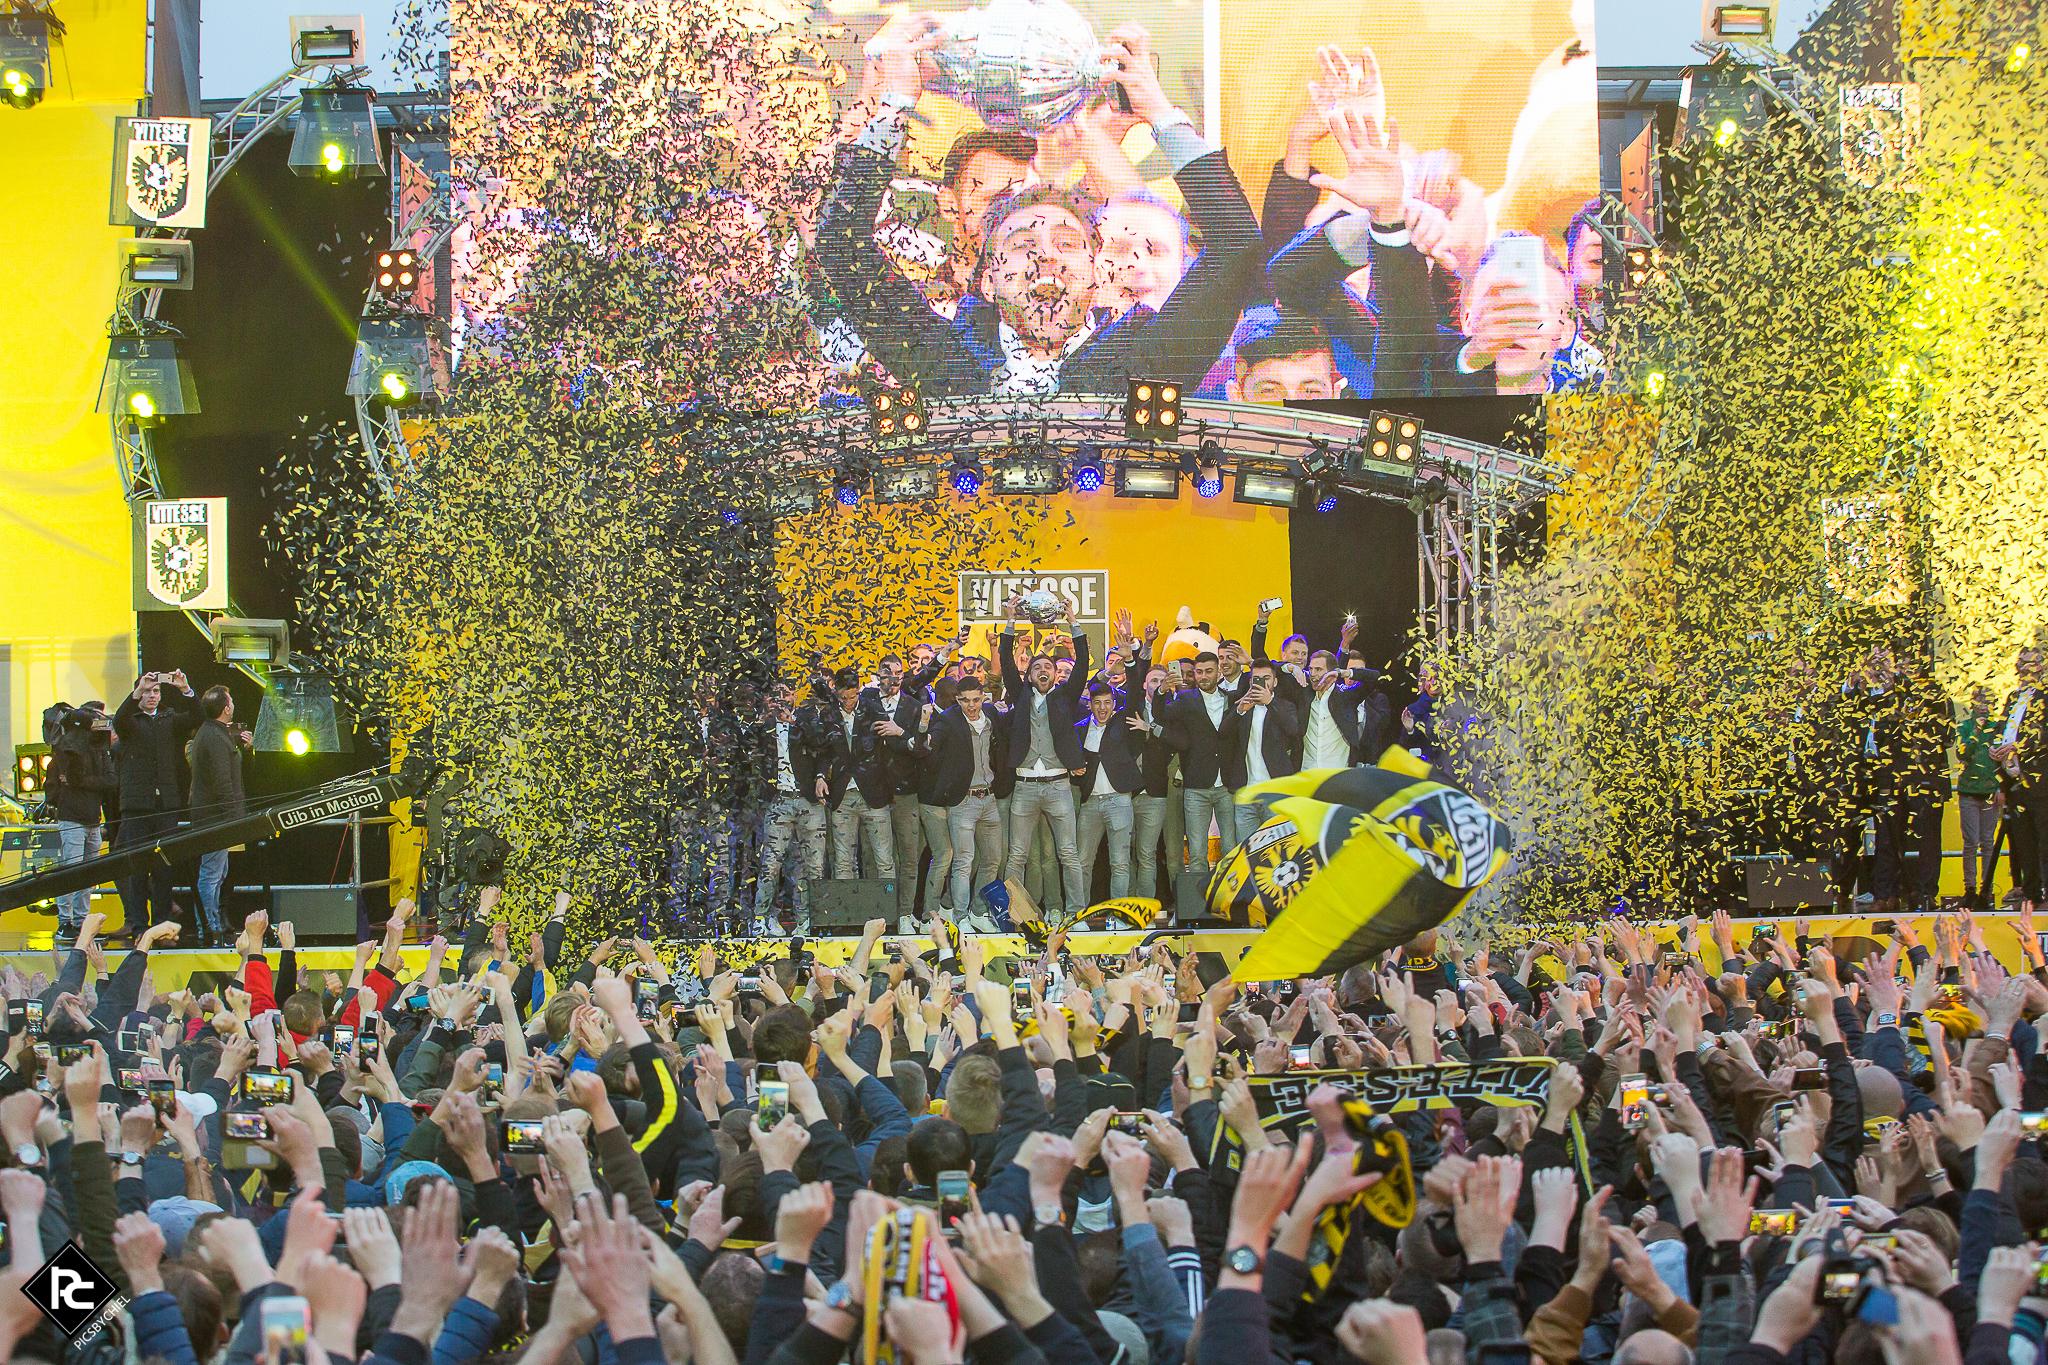 Arnhem in geel en zwert, groot feest in Arnhem